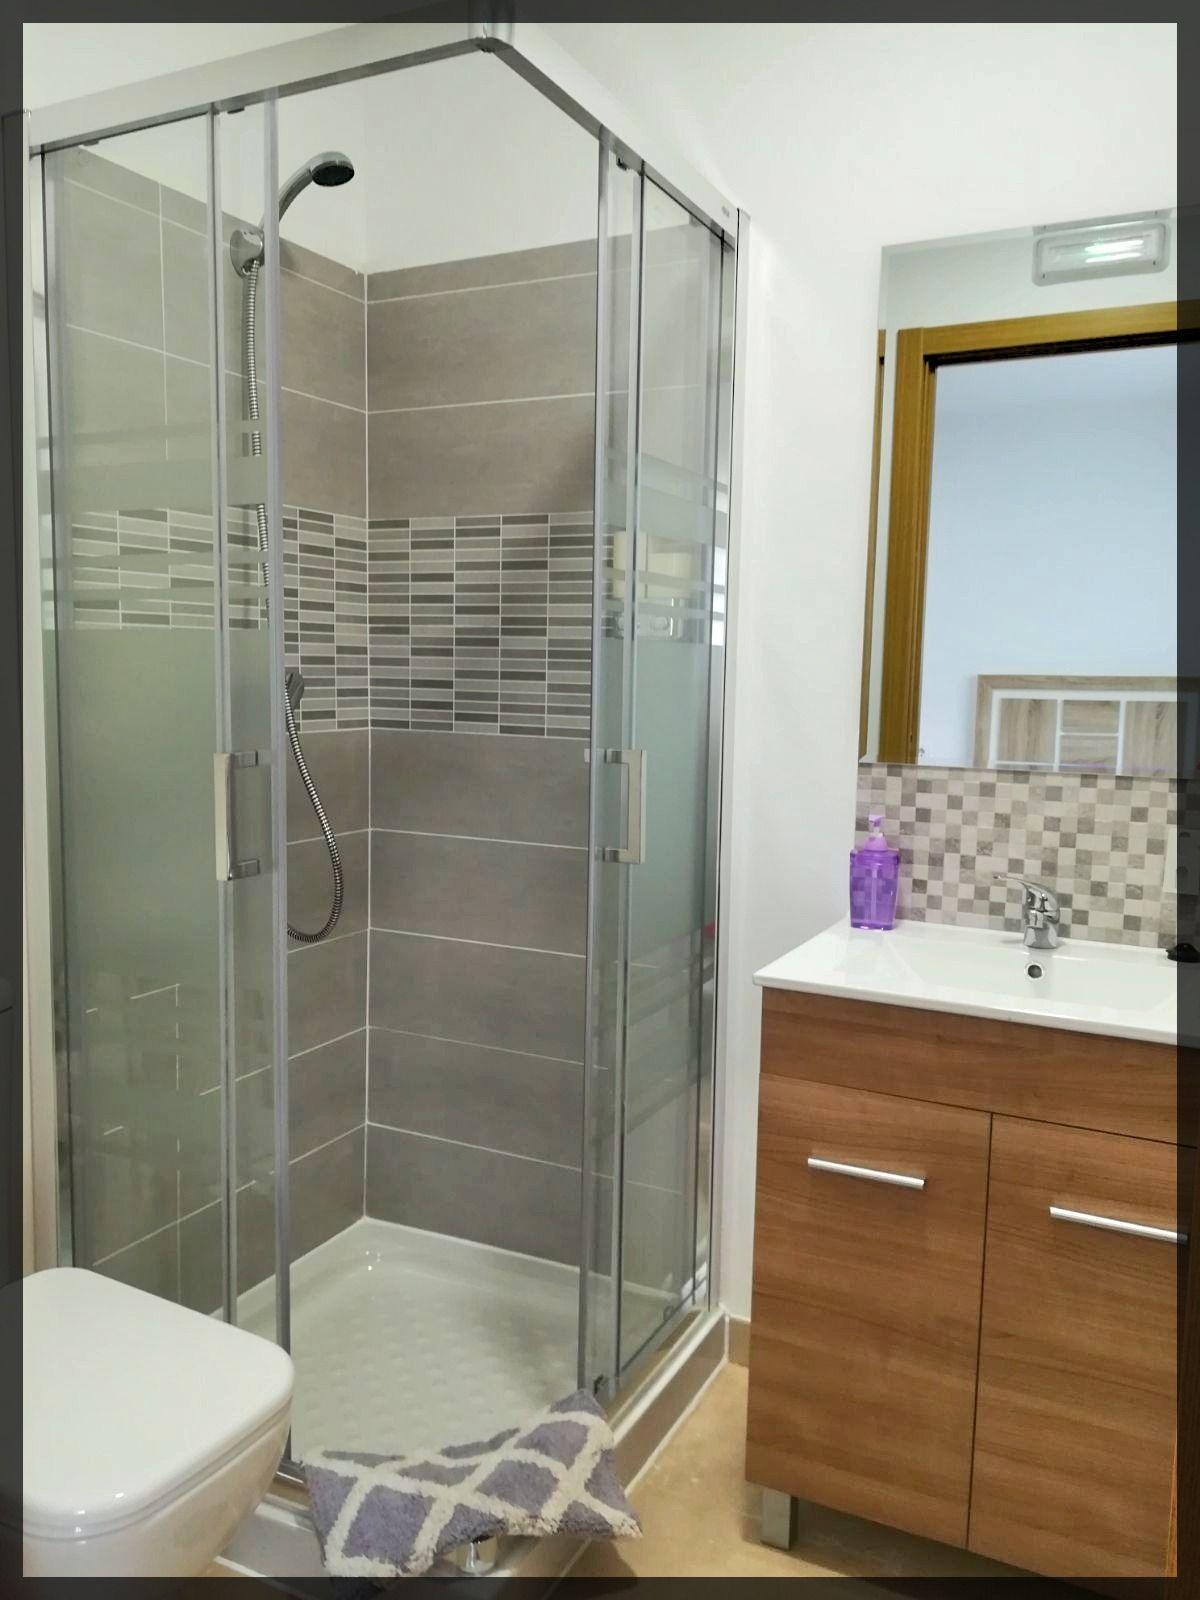 Habitaciones Con Bano Privado Rooms With Private Bathroom Habitacion Con Bano Privado Bano Privado Alojamiento